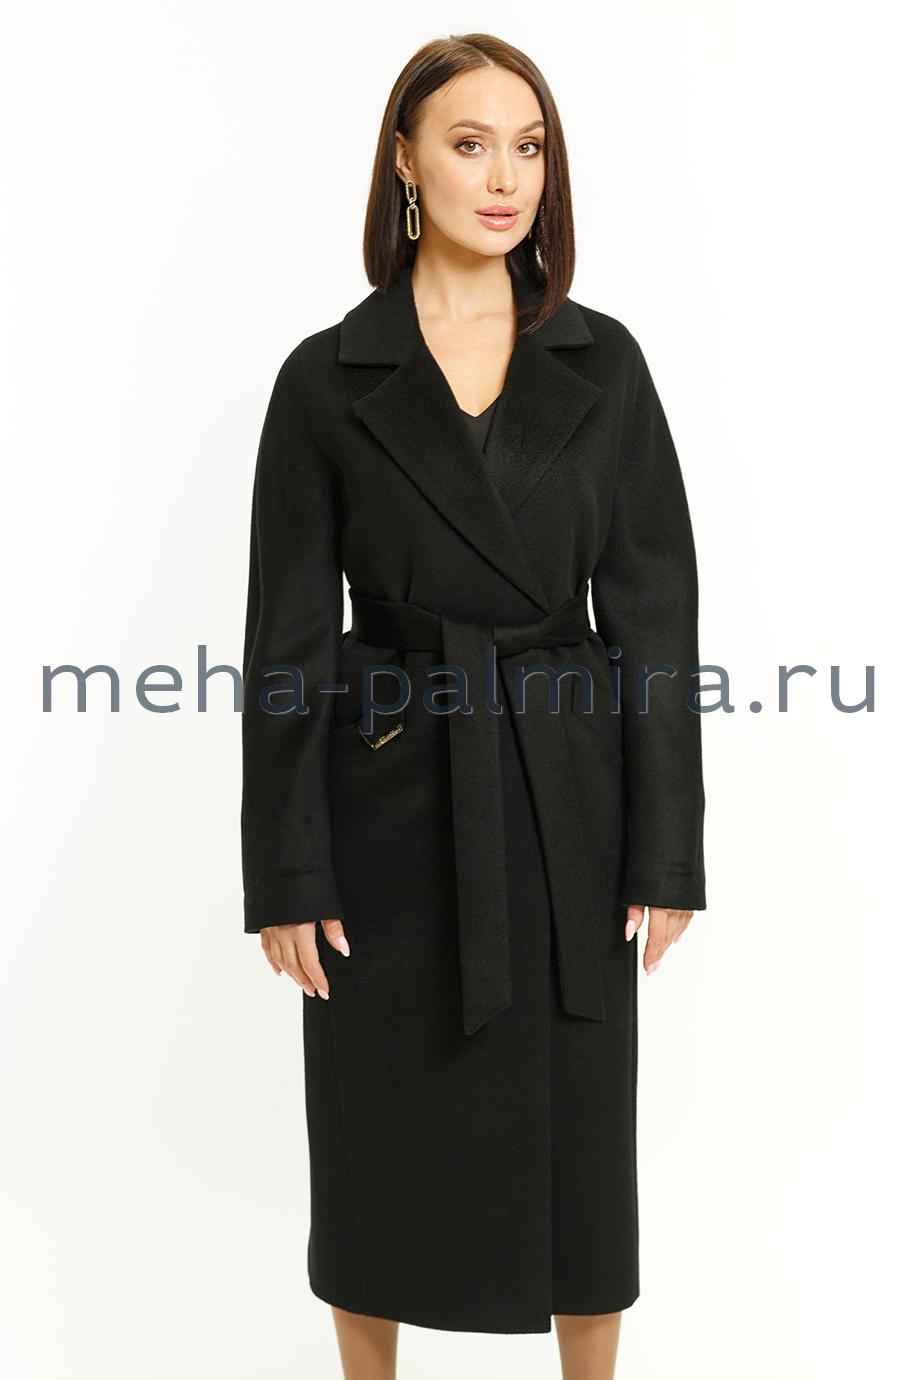 Классическое пальто с английским воротником черного цвета